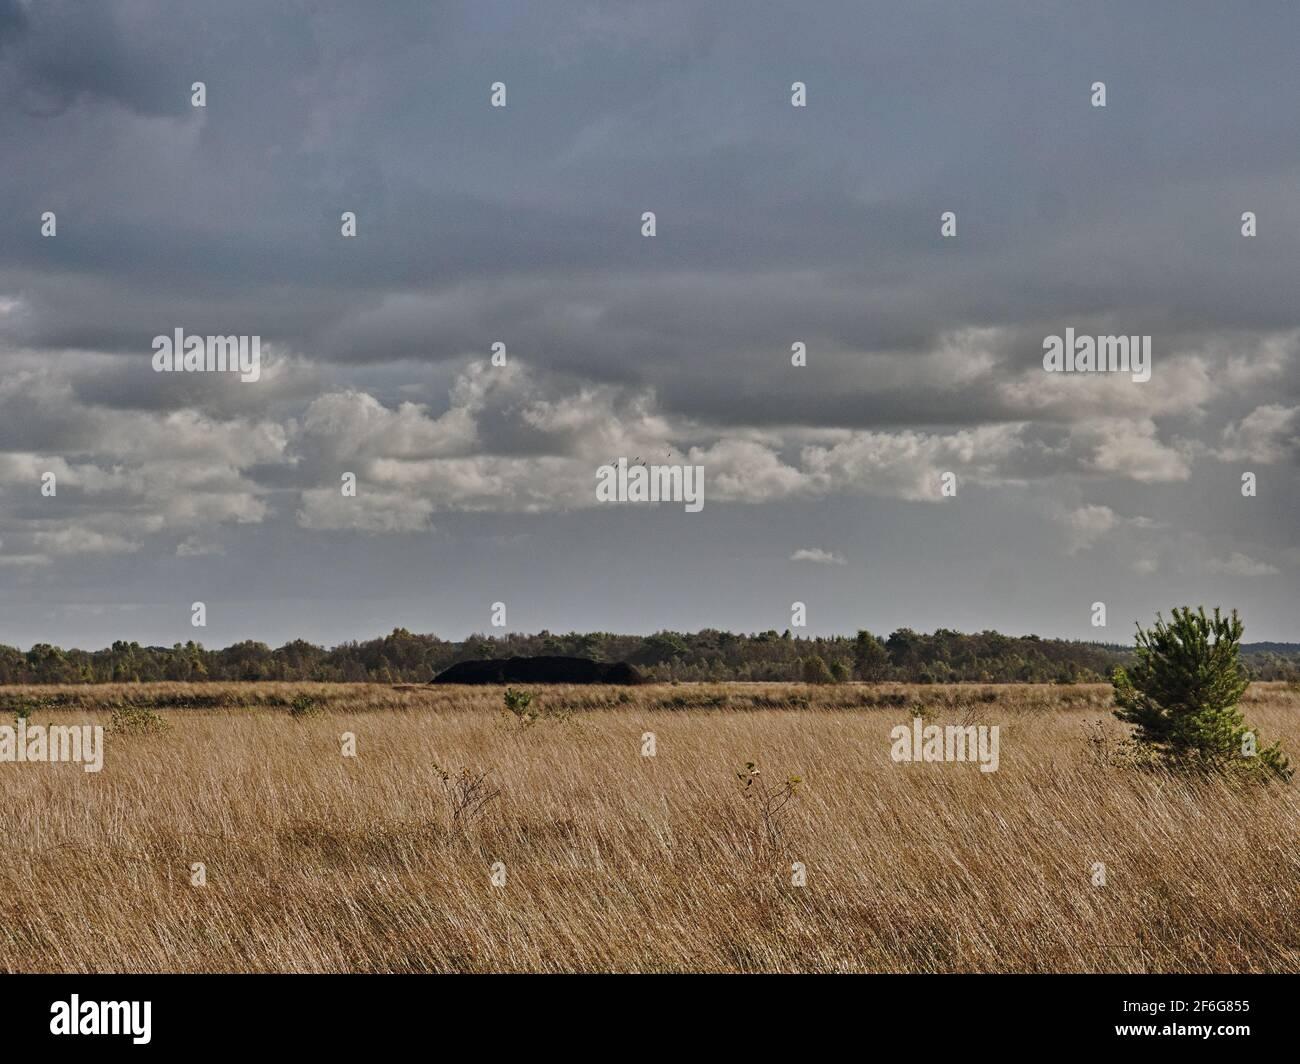 Moorlandschaft - Moorweg mit Reifenspuren - Kumuluswolke Stock Photo